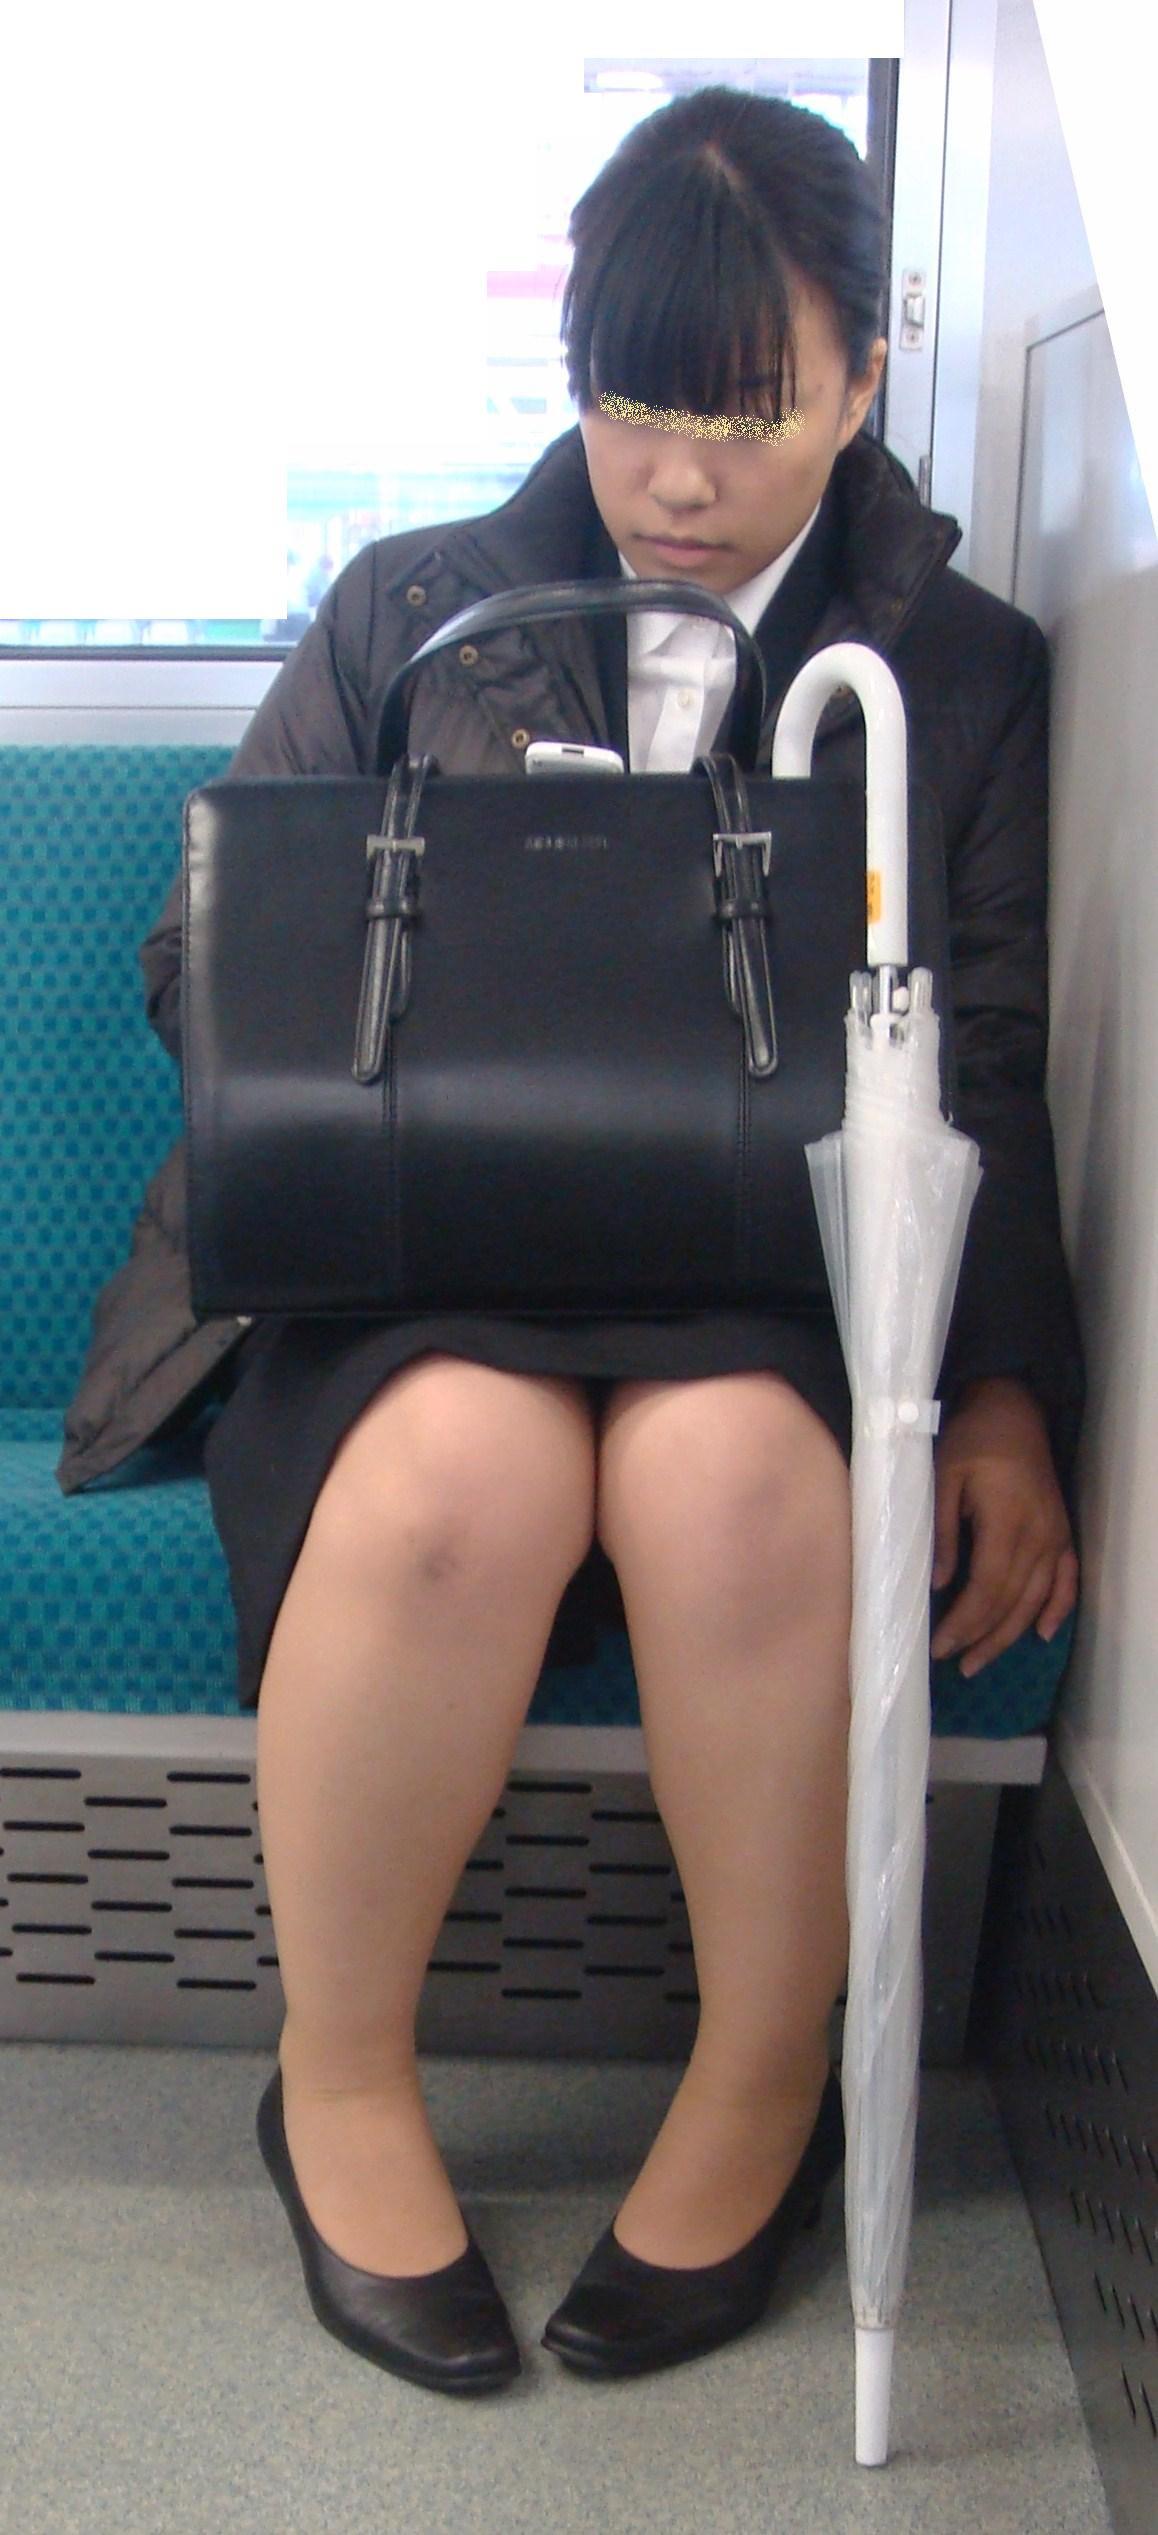 社会人になった新卒リクスーOLの電車内盗撮画像7枚目